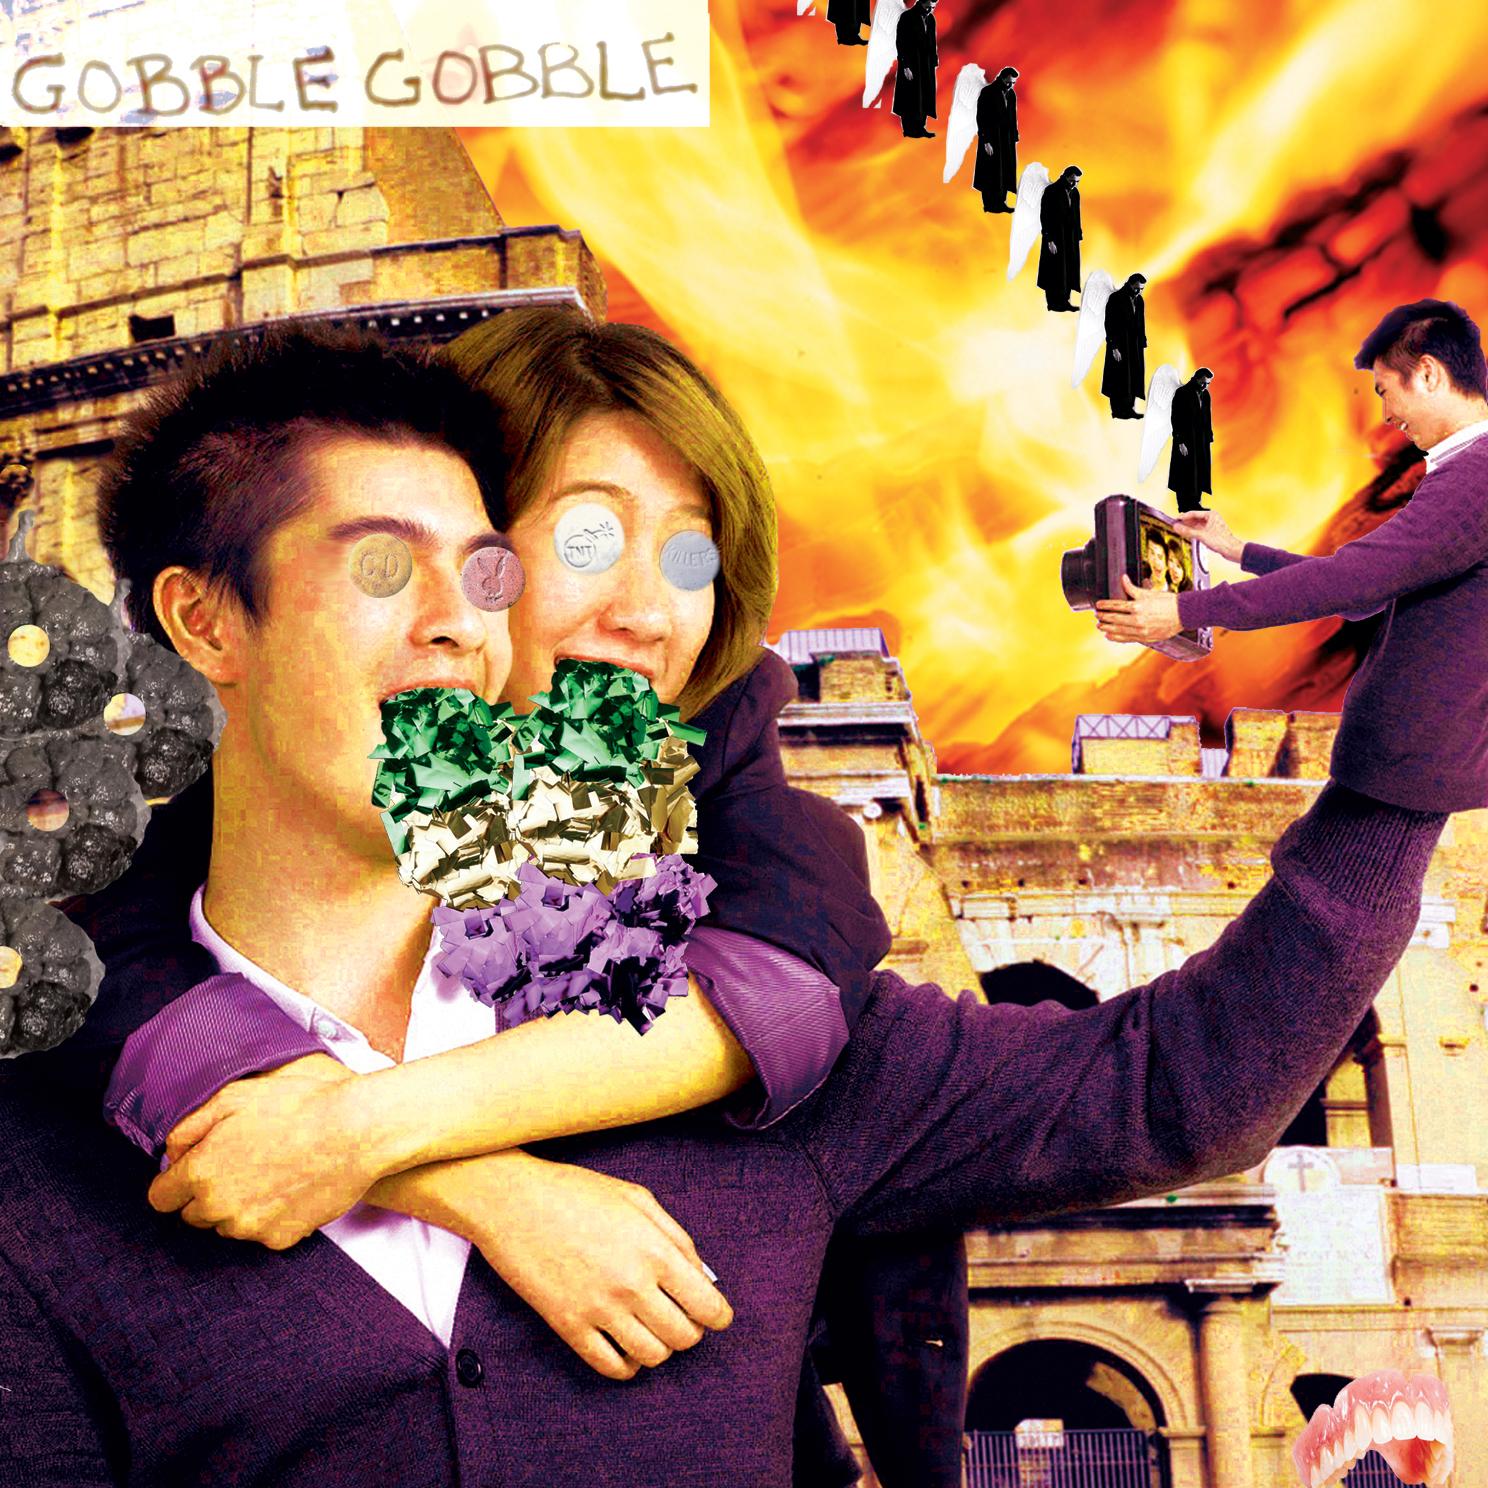 Cover-GOBBLE_GOBBLE-Boring_Horror